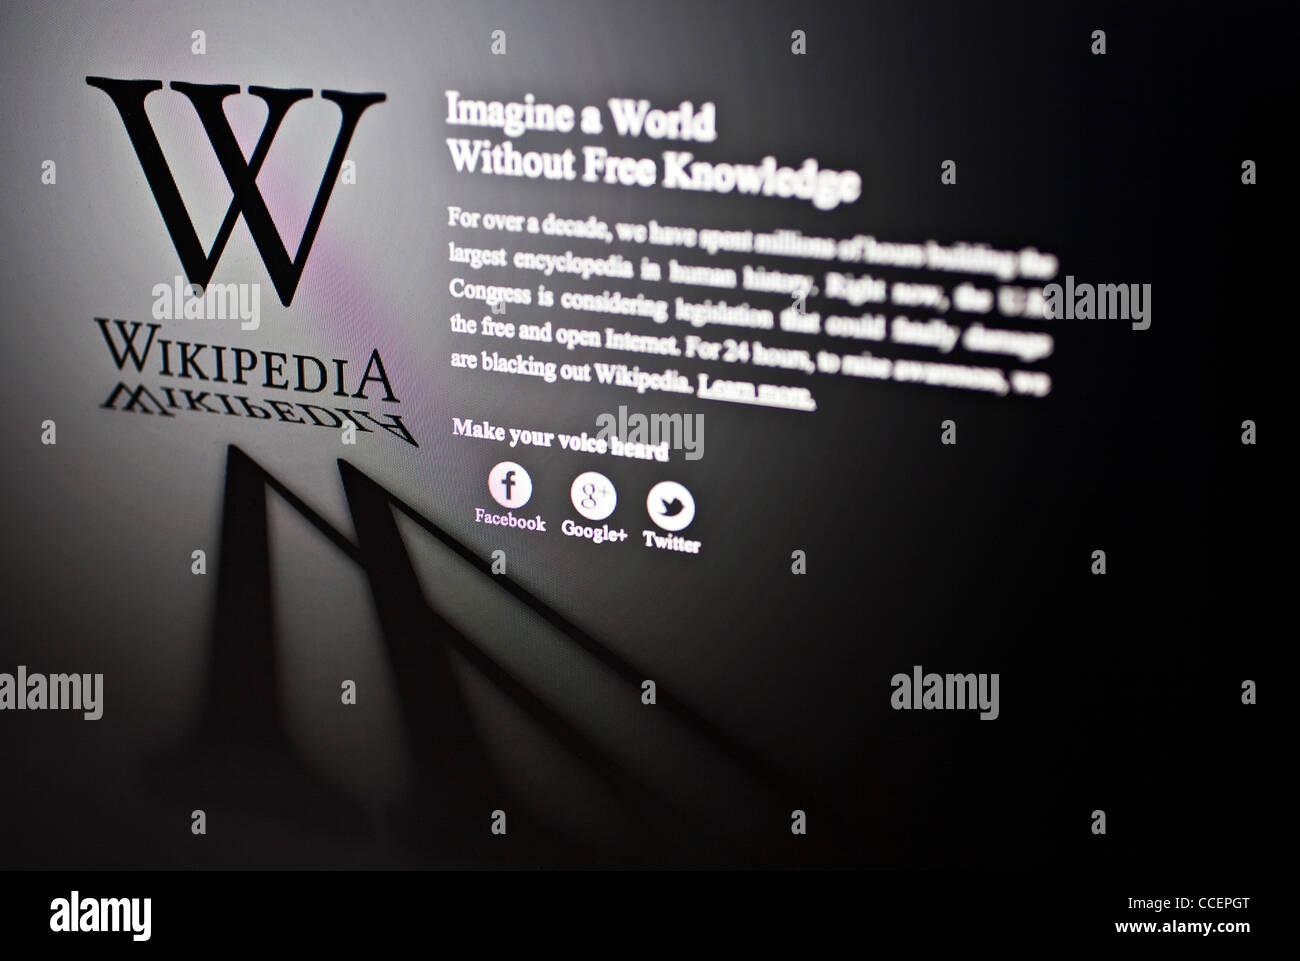 wikipedia encyclopedia online